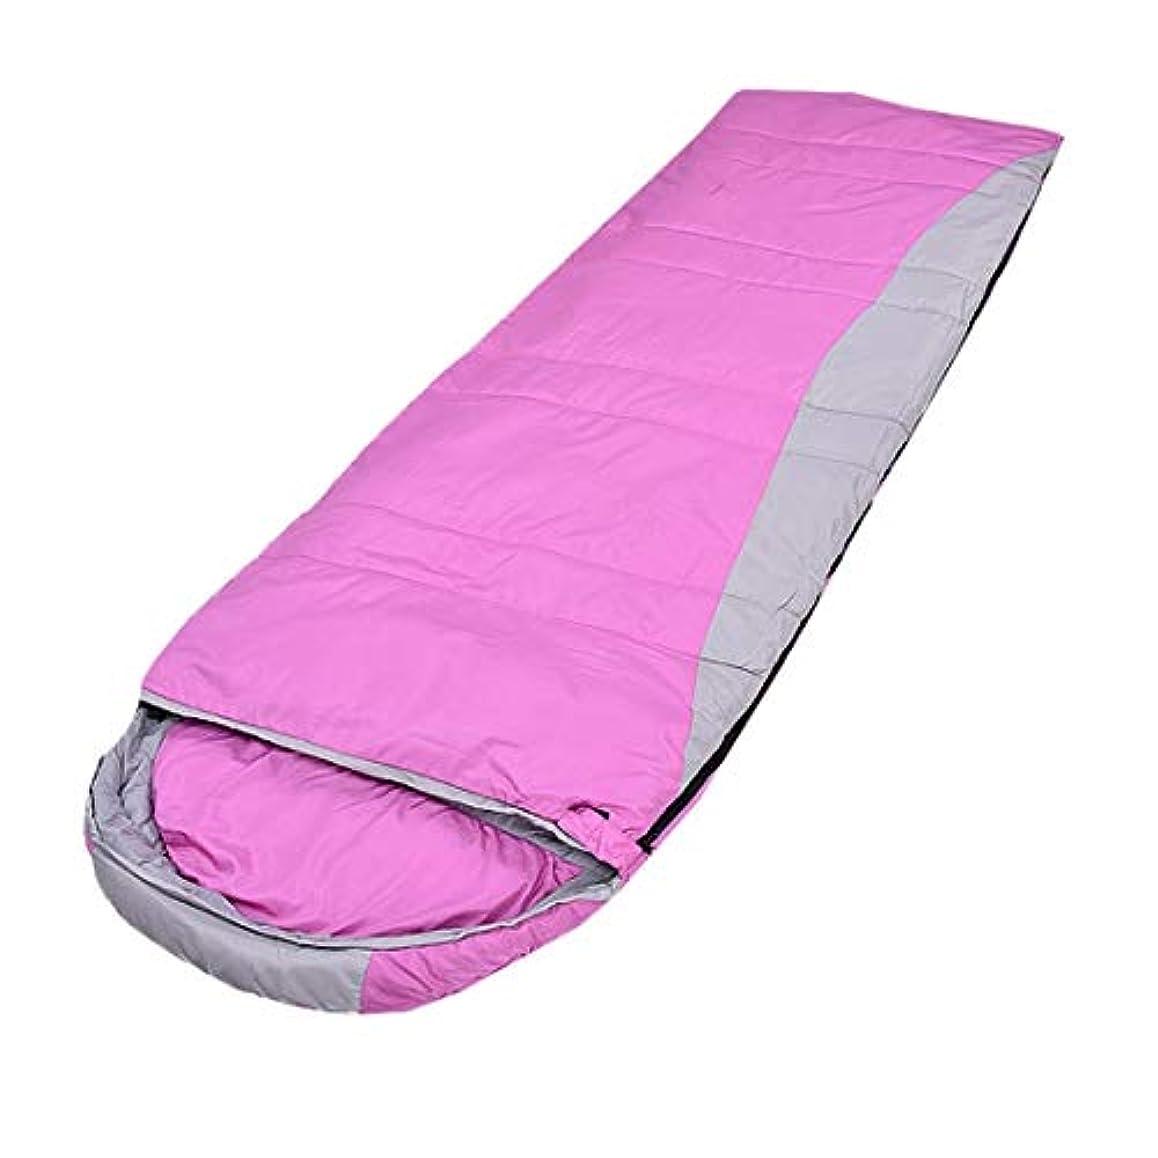 静脈写真の甘美なKoloeplf 四季大人肥厚暖かい昼休み超軽量キャンプアウトドア寝袋